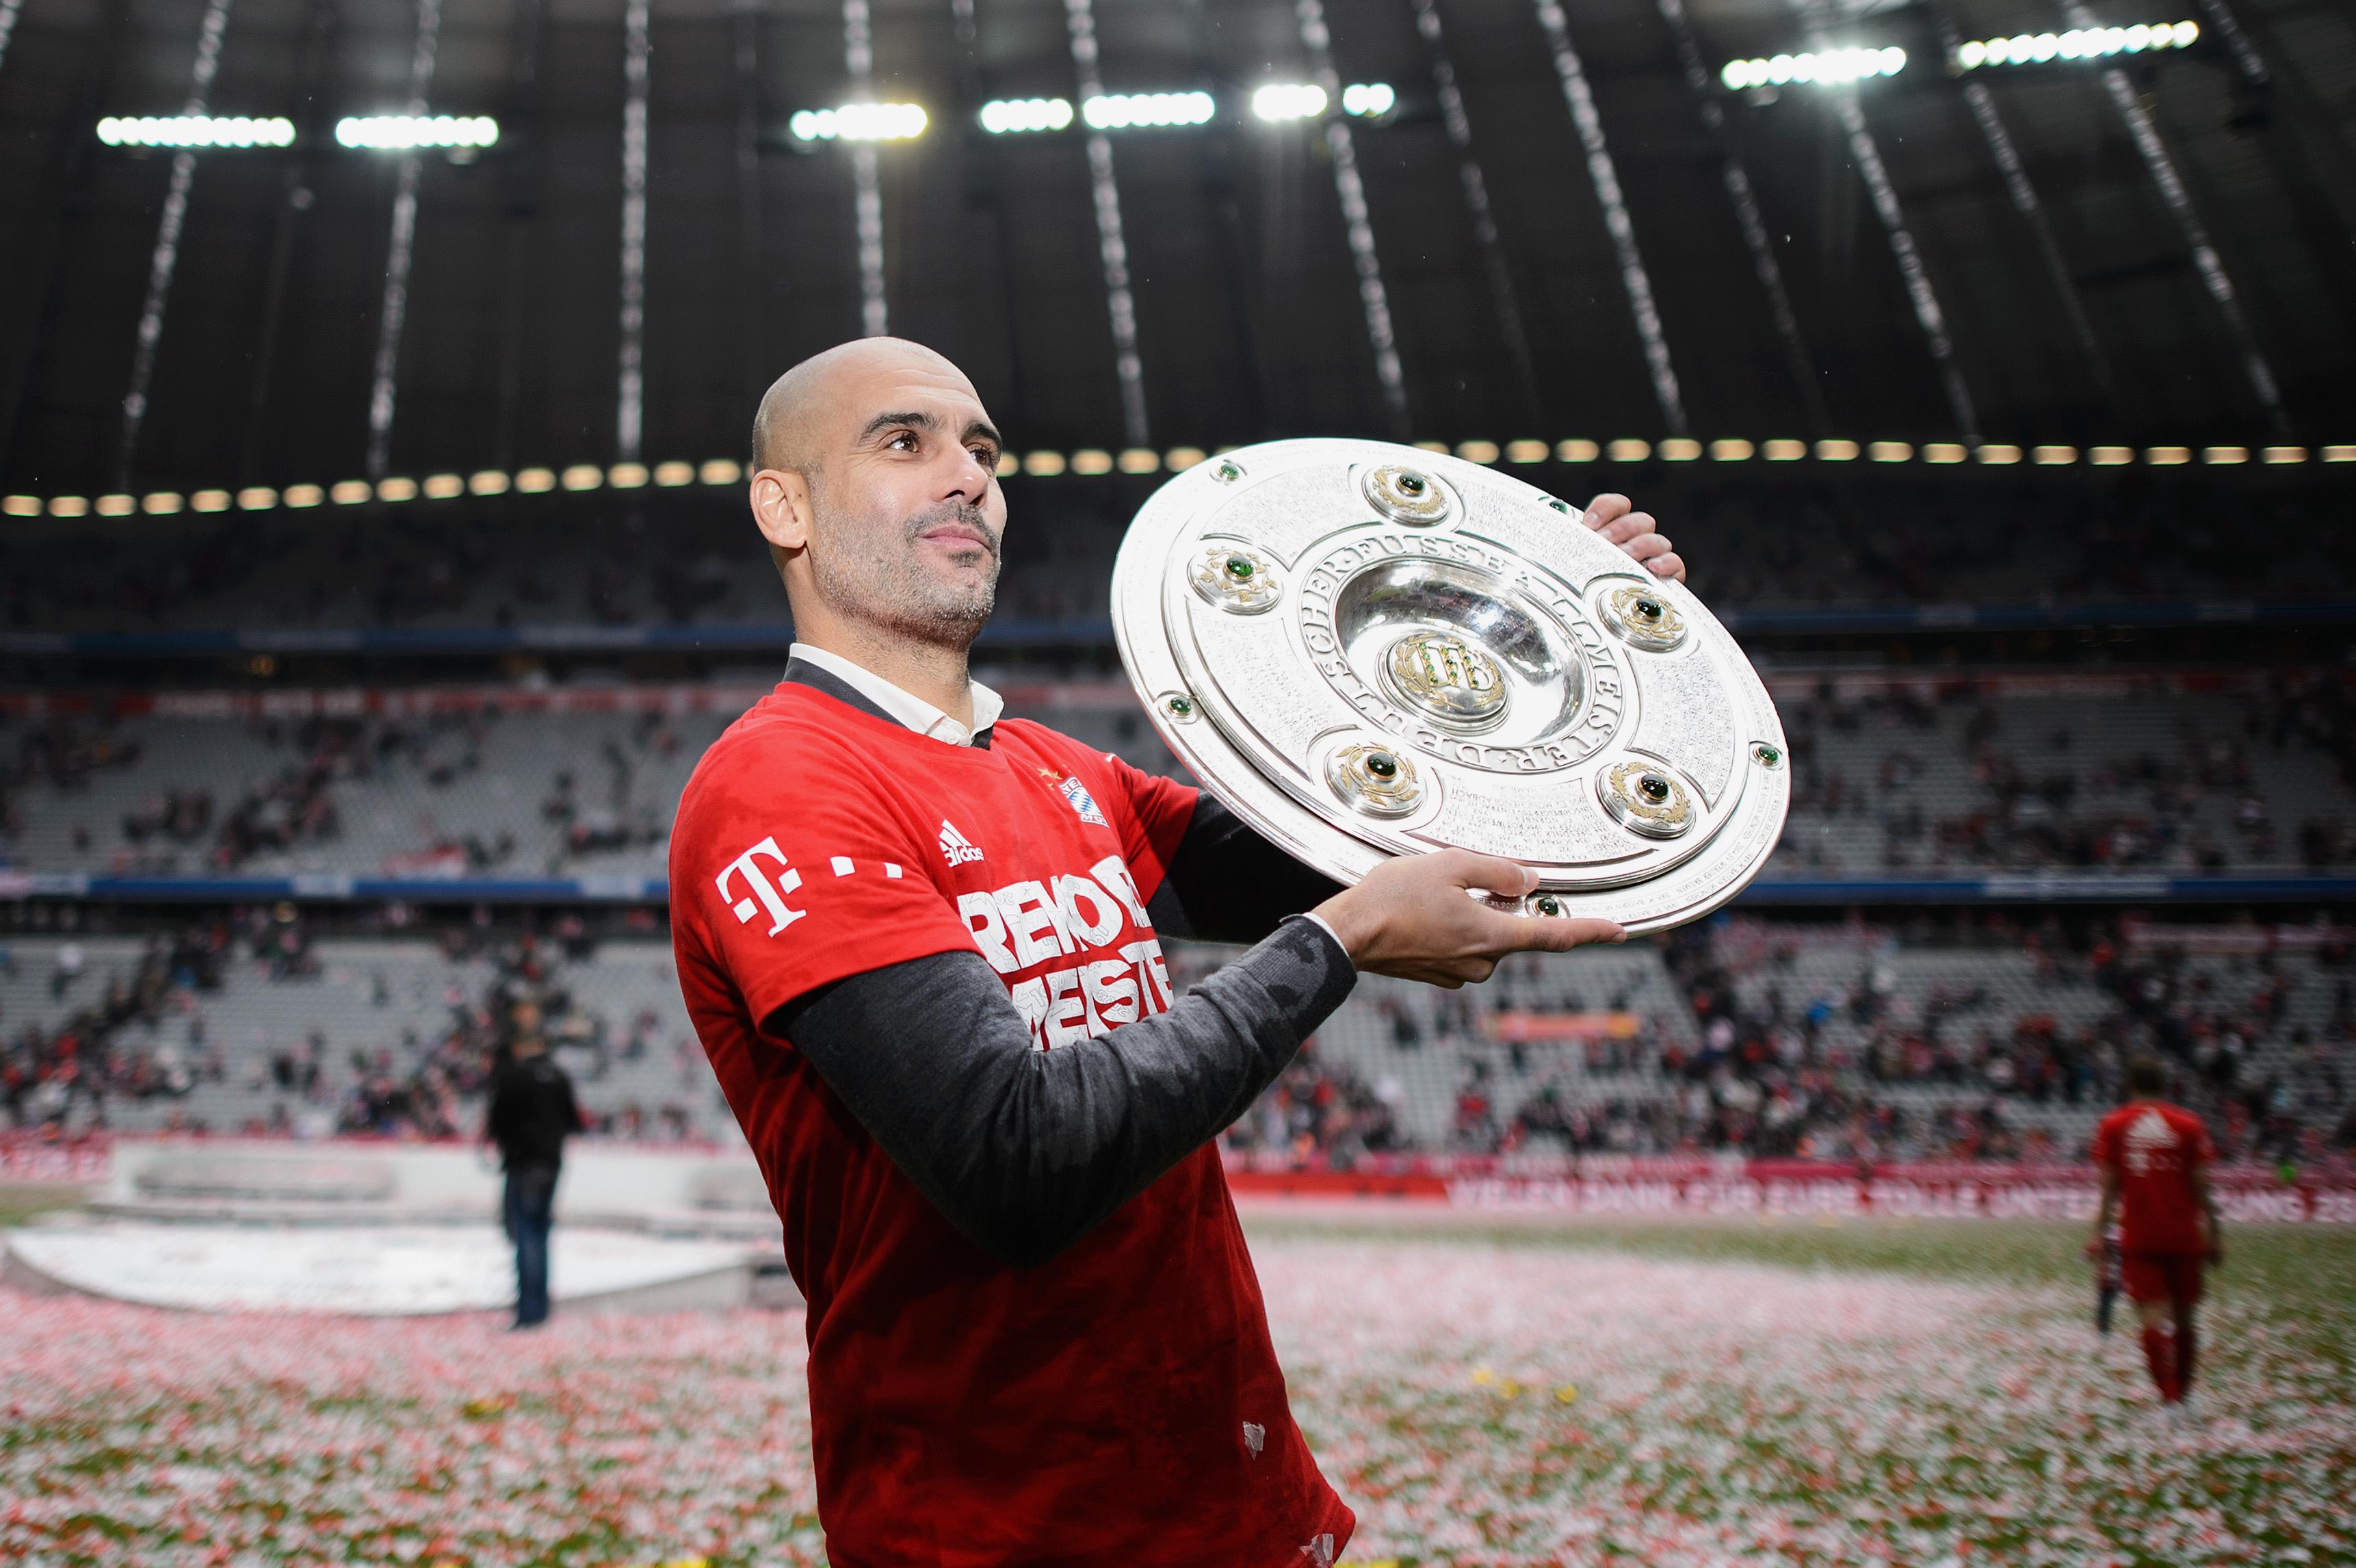 el entrenador Pep Guardiola de Muenchen celebra con el trofeo de la Bundesliga después de ganar la liga durante el partido de la Bundesliga entre el FC Bayern München y el 1. FSV Mainz 05 en el Allianz Arena el 23 de mayo de 2015 en Munich, Alemania.